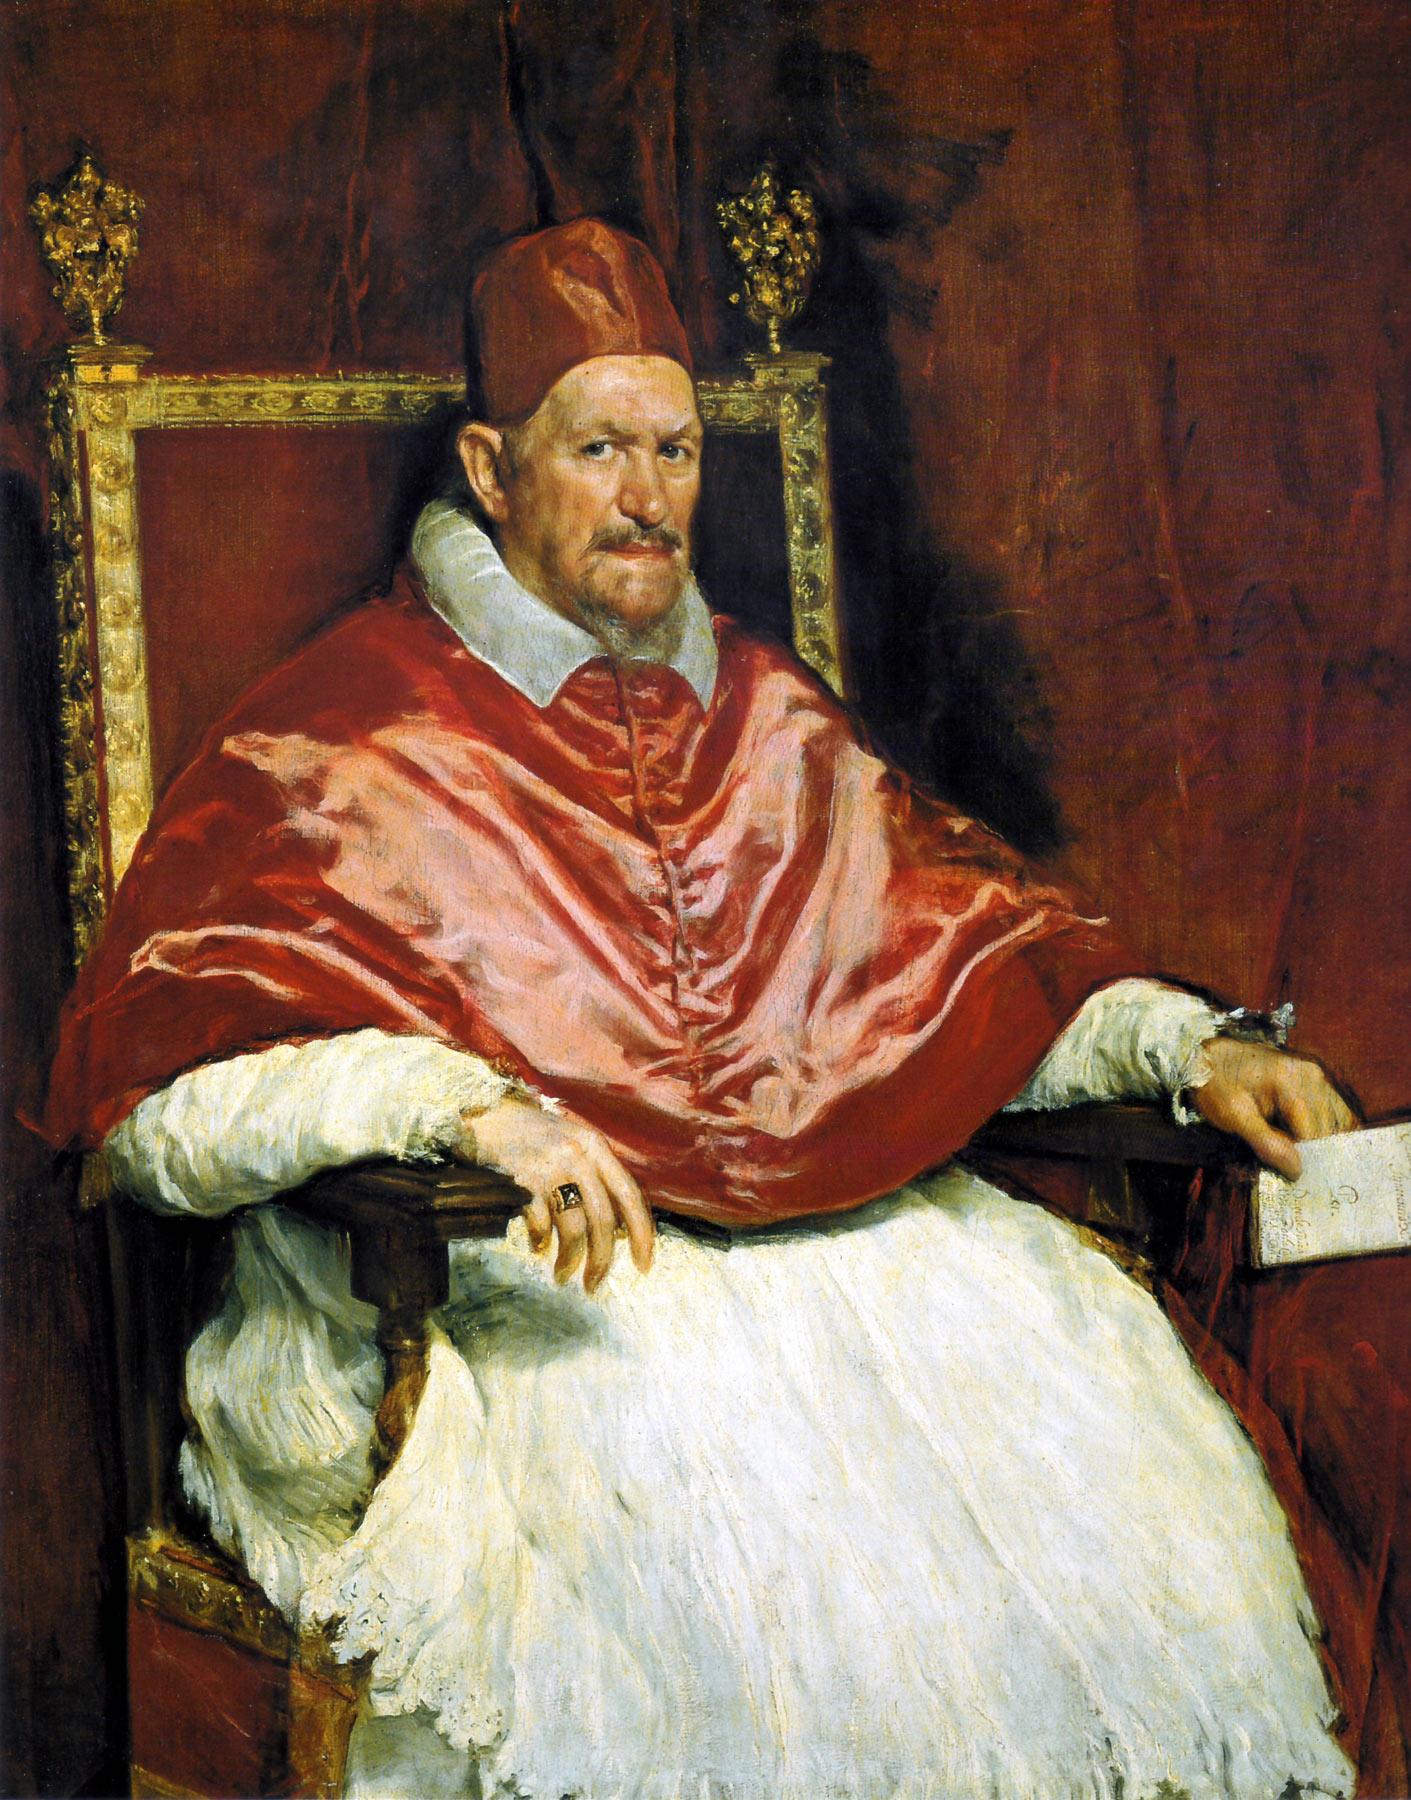 Diego Velázquez, Ritratto di papa Innocenzo X (1650; olio su tela, 140 x 120 cm; Roma, Galleria Doria Pamphilj)